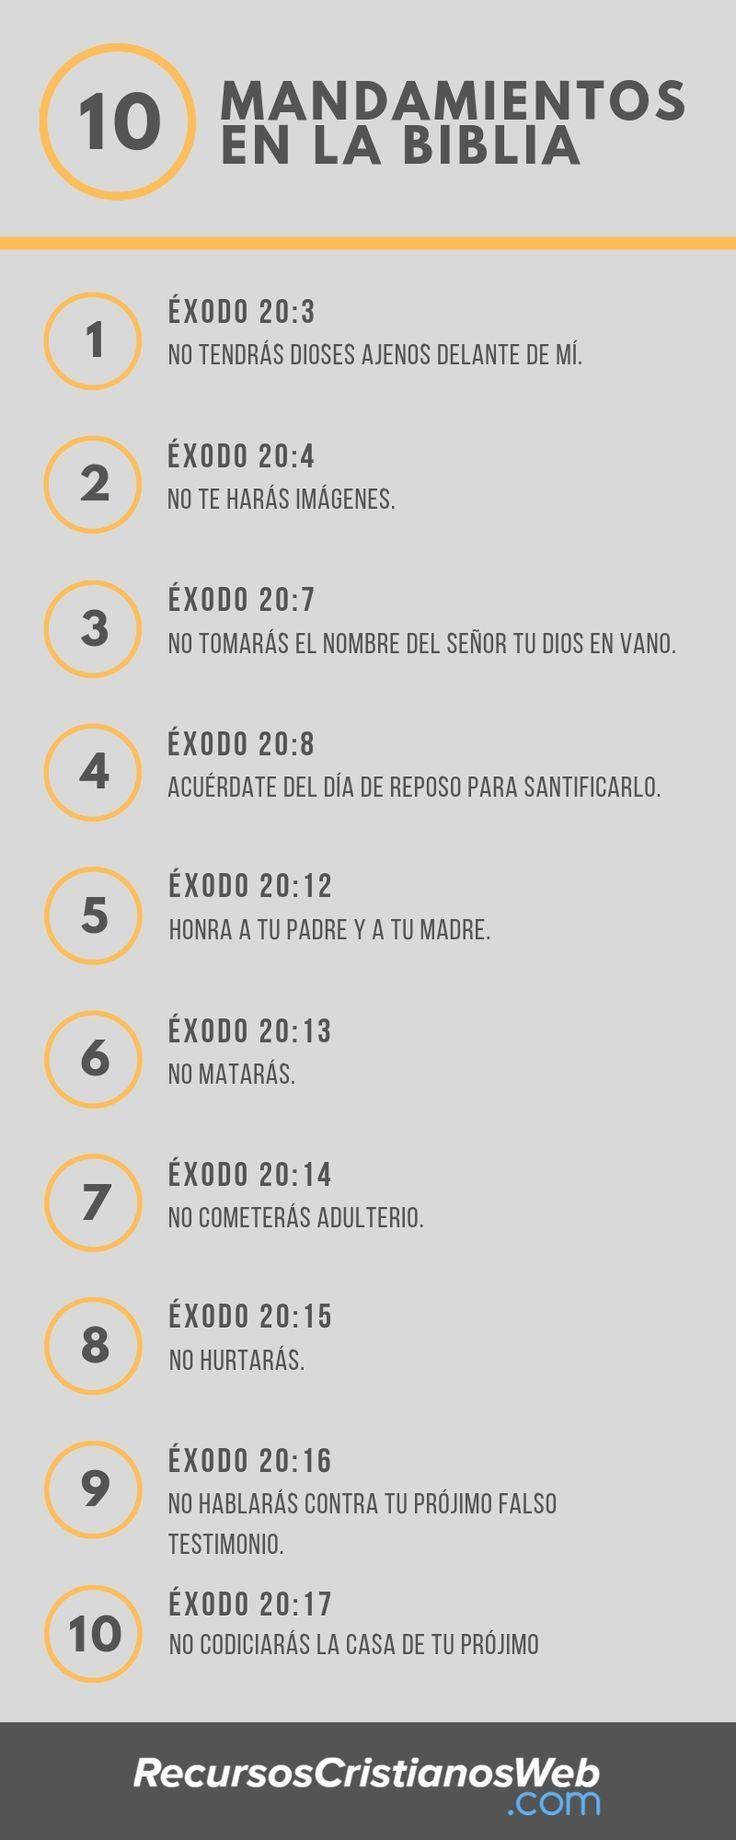 Los 10 Mandamientos en la Biblia – #Biblia #en #La #los #Mandamientos